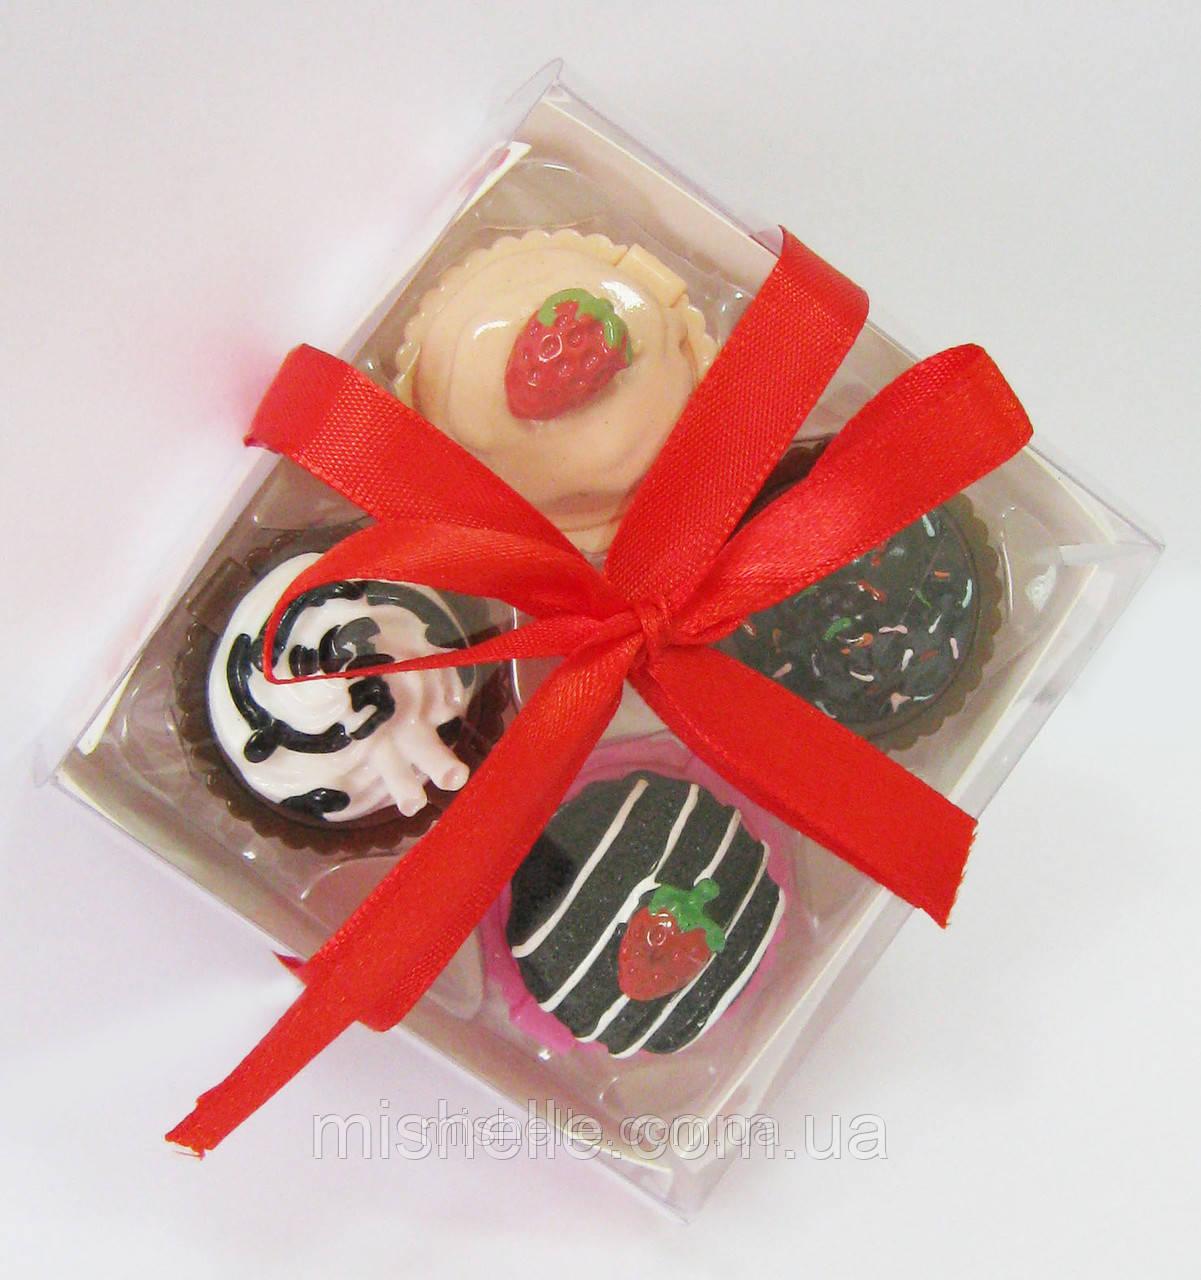 Детский блеск для губ Cupcake Shoppe FFleur (Капкейк Шоп Флер), фото 1